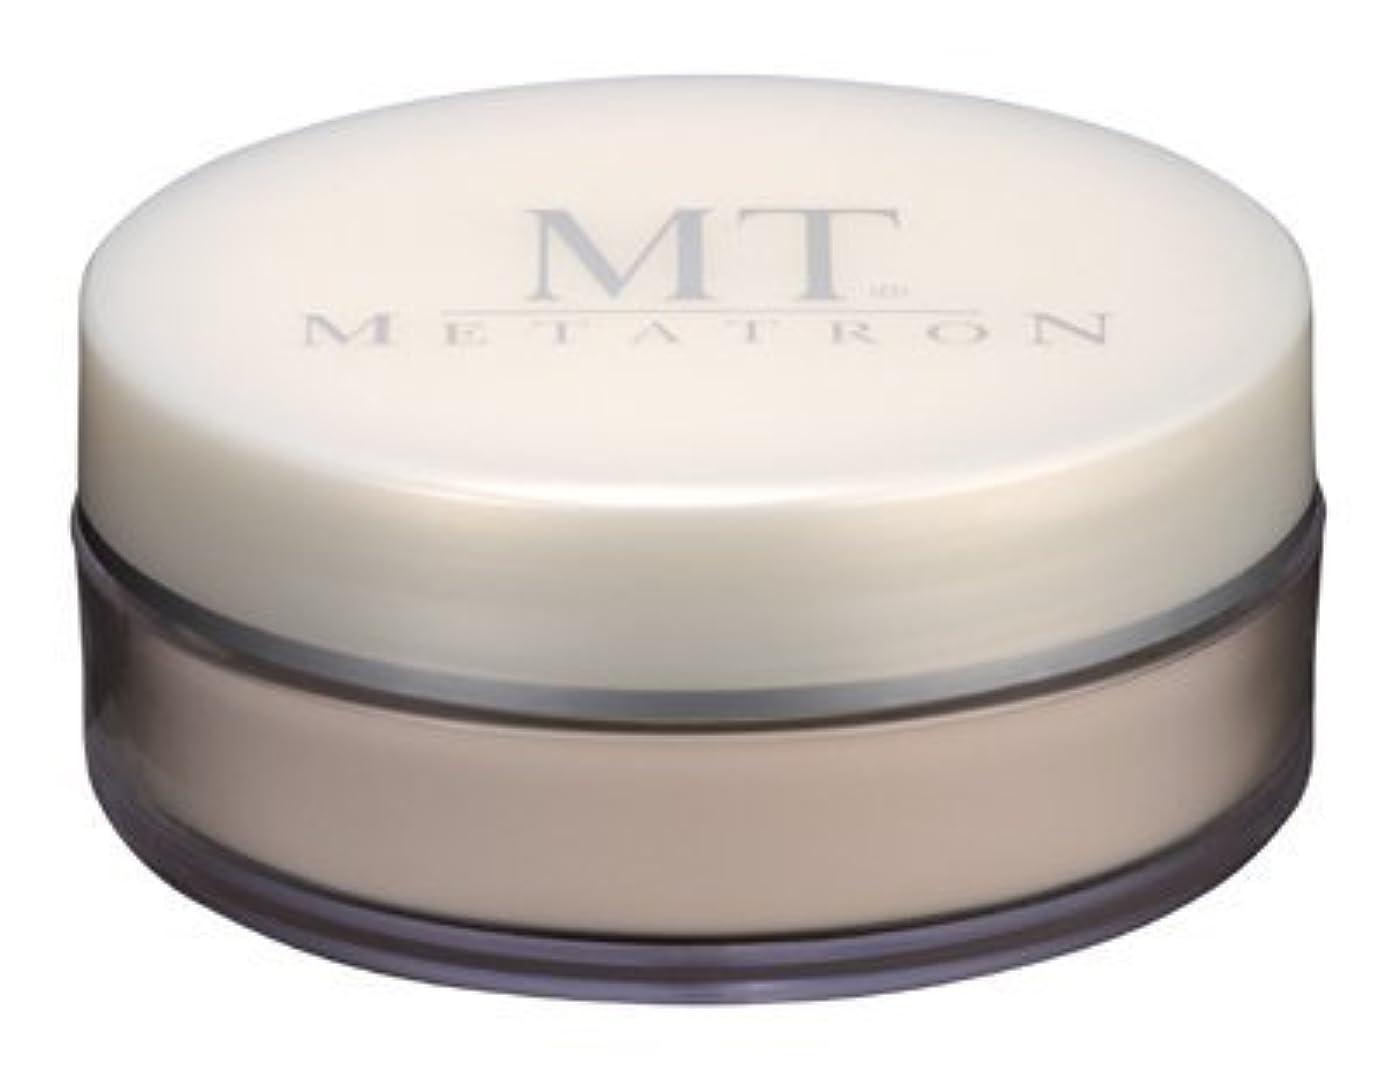 トーク新聞書士MTメタトロン プロテクトUVルースパウダー20g 【オークル】 SPF10